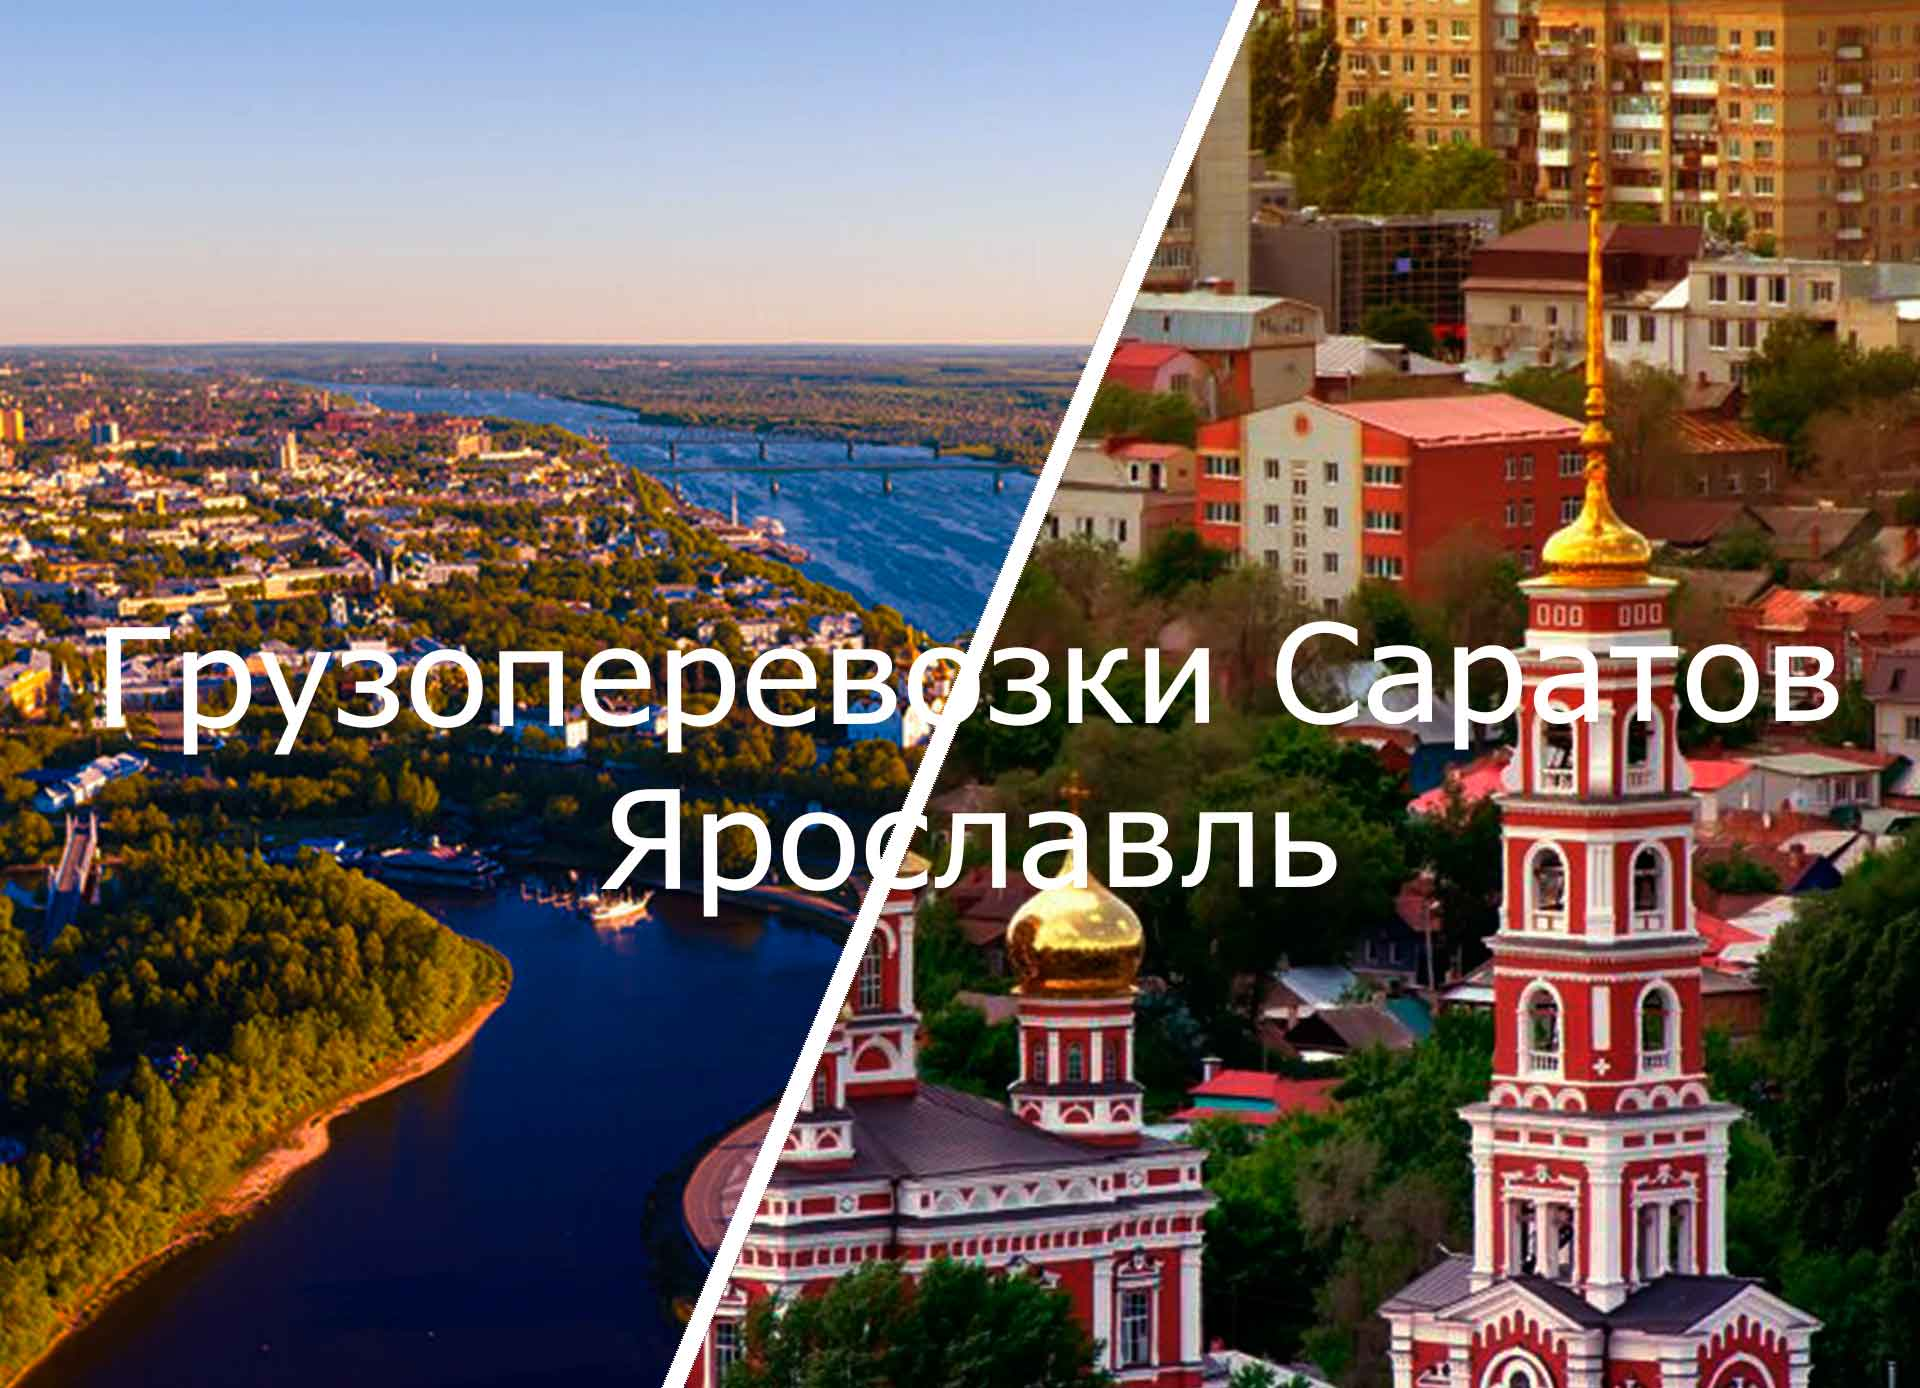 грузоперевозки саратов ярославль